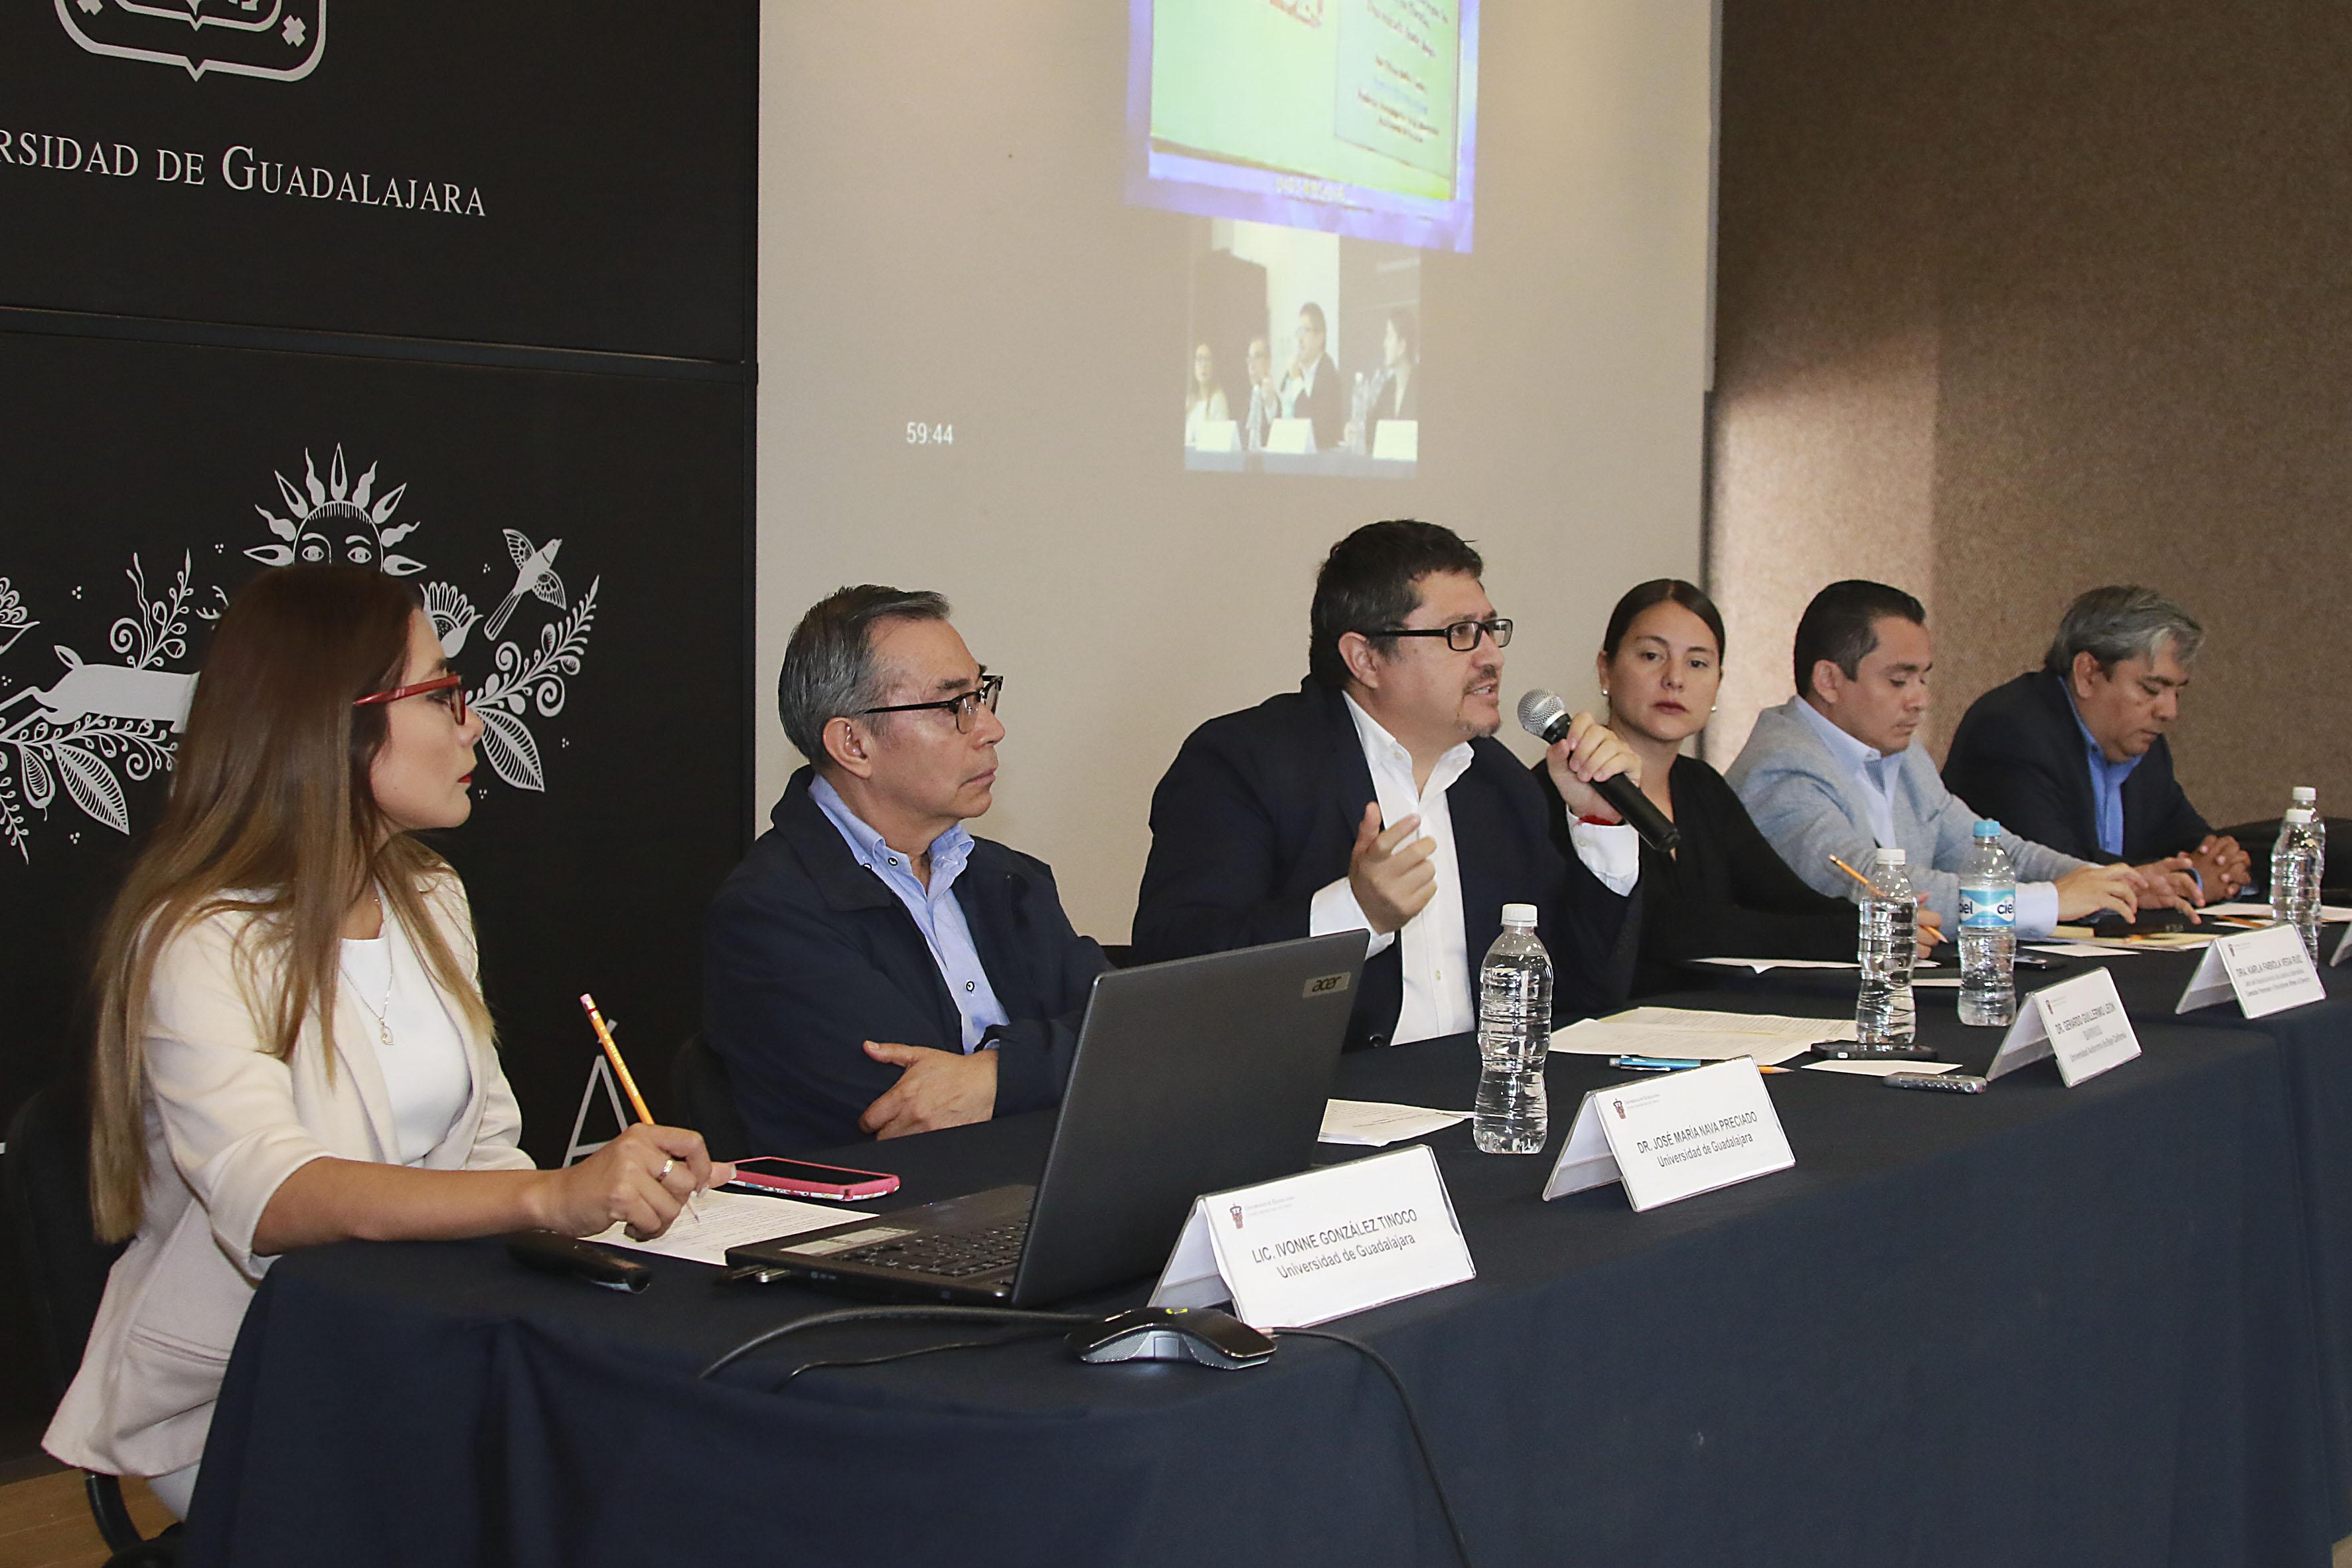 En el micrófono, el doctor Gerardo Guillermo León Barrios, profesor investigador de la Universidad Autónoma de Baja California